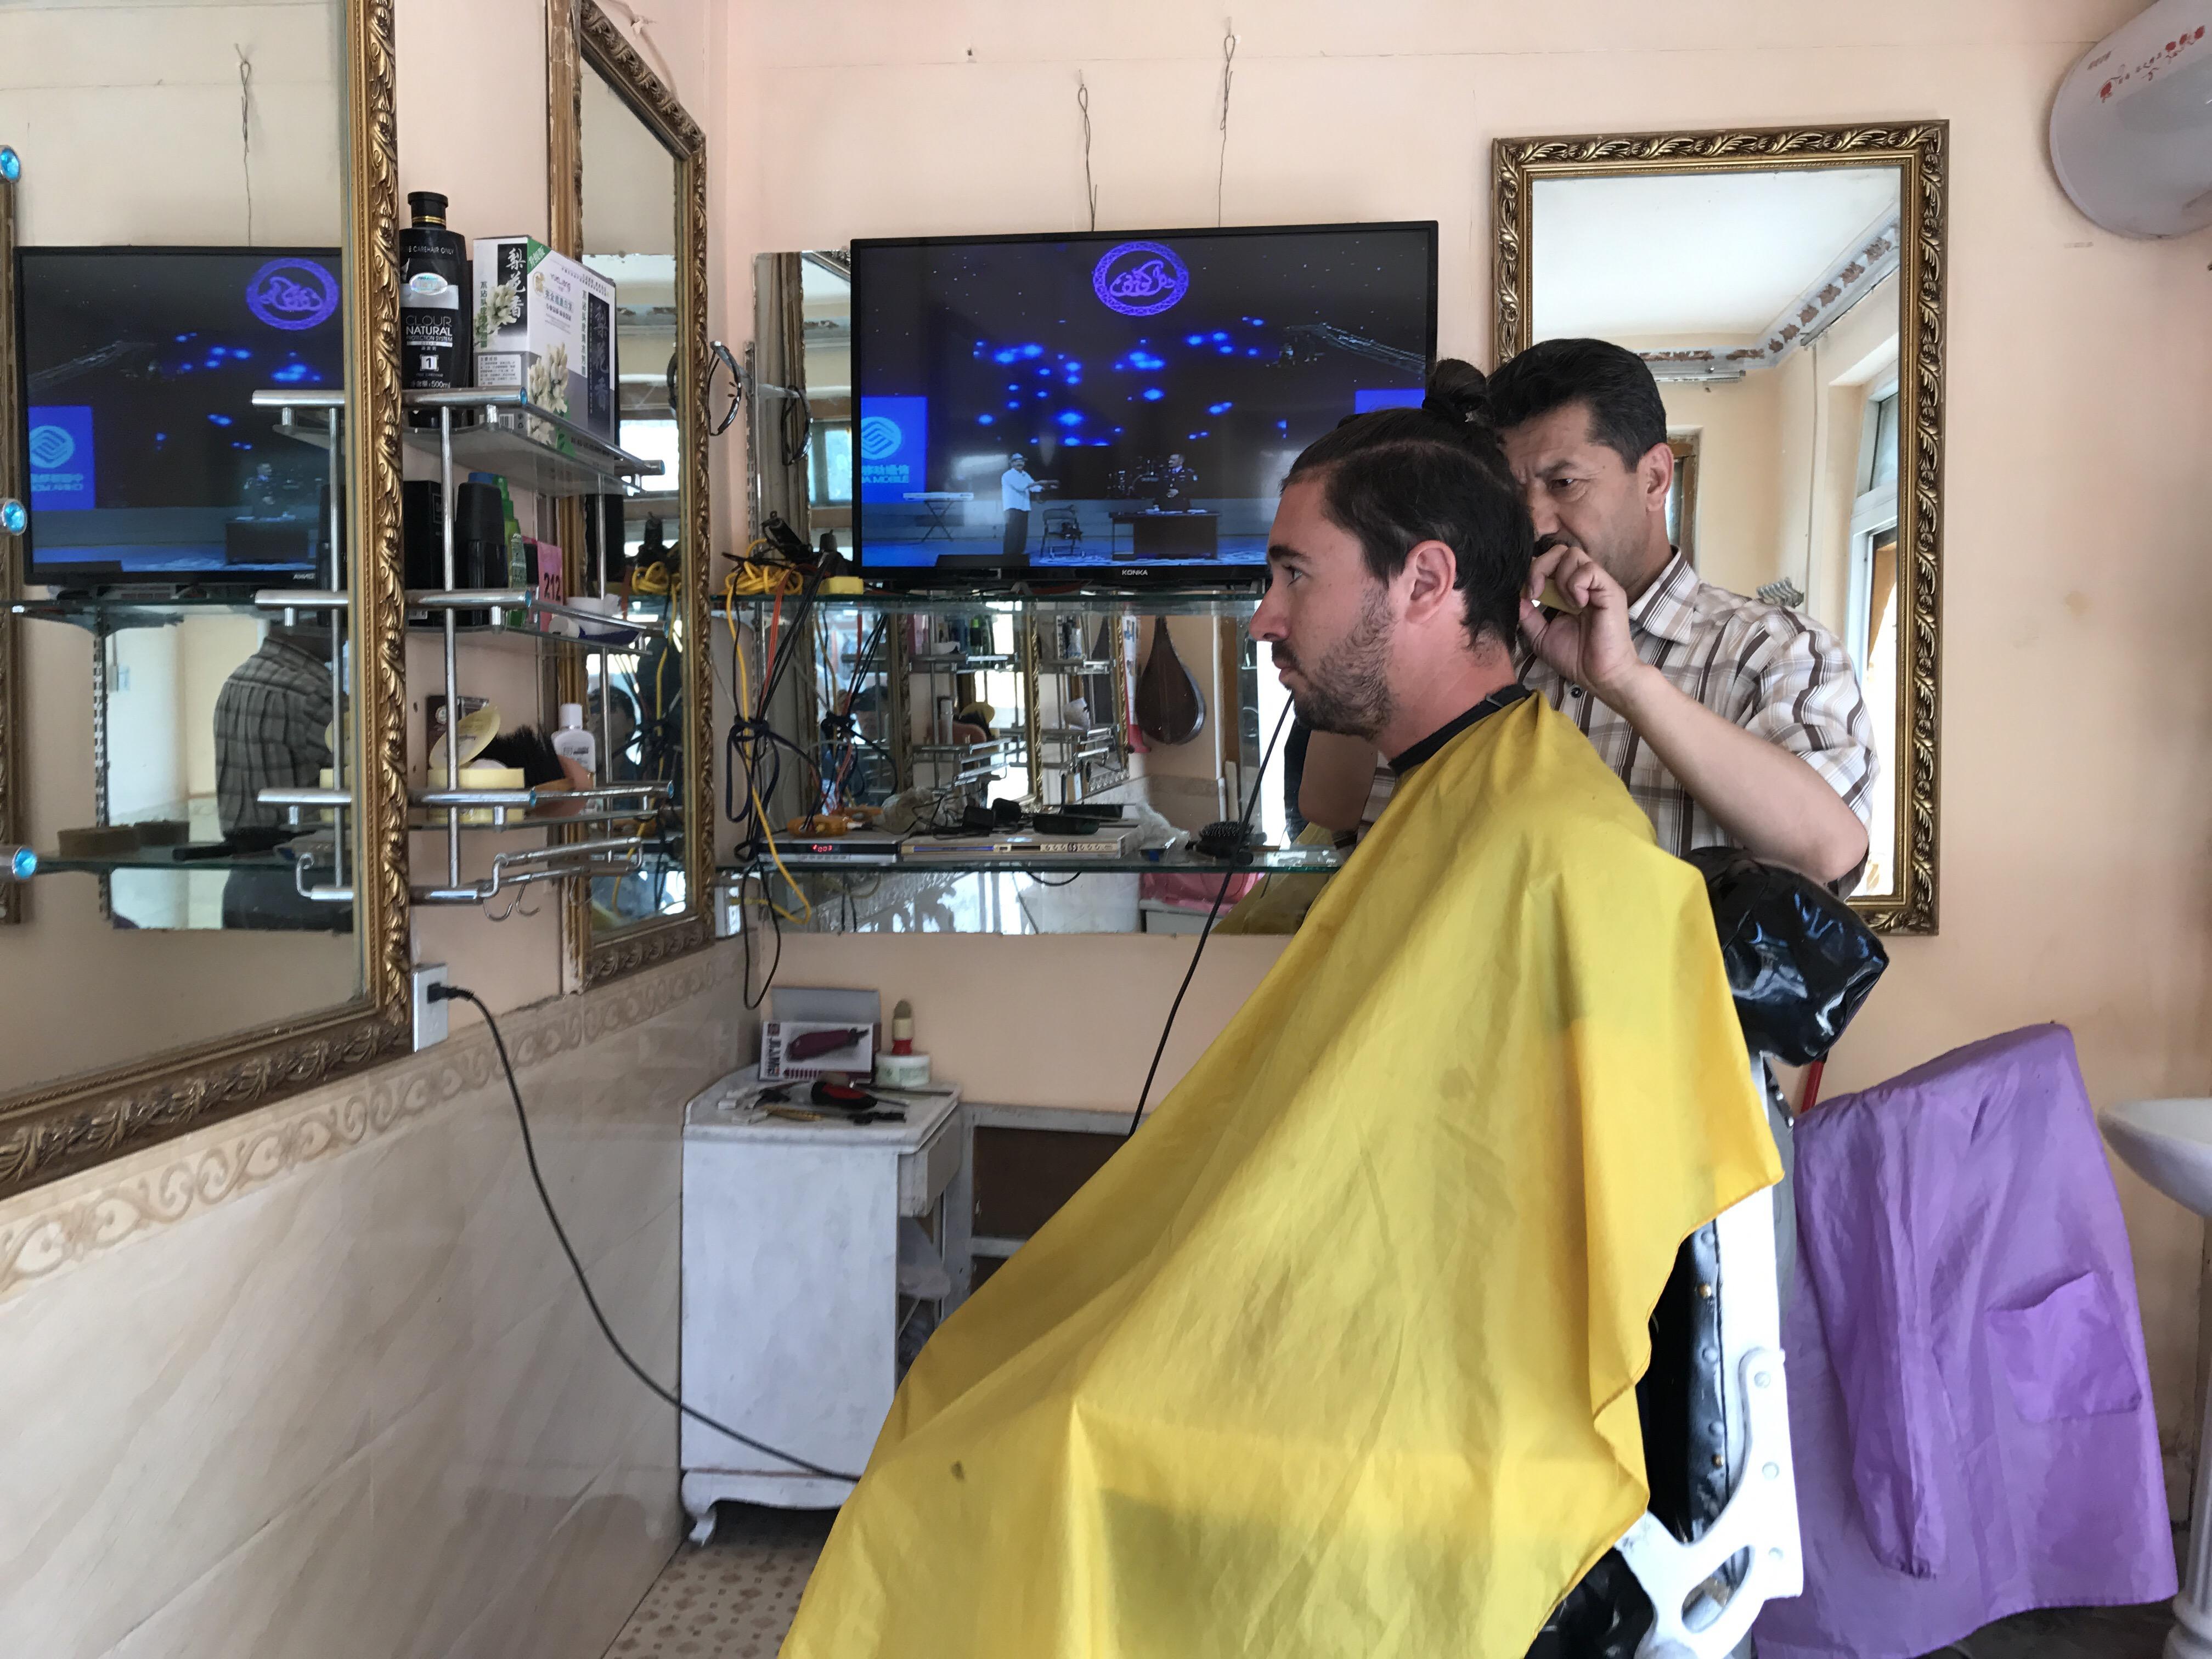 barber shop, barber